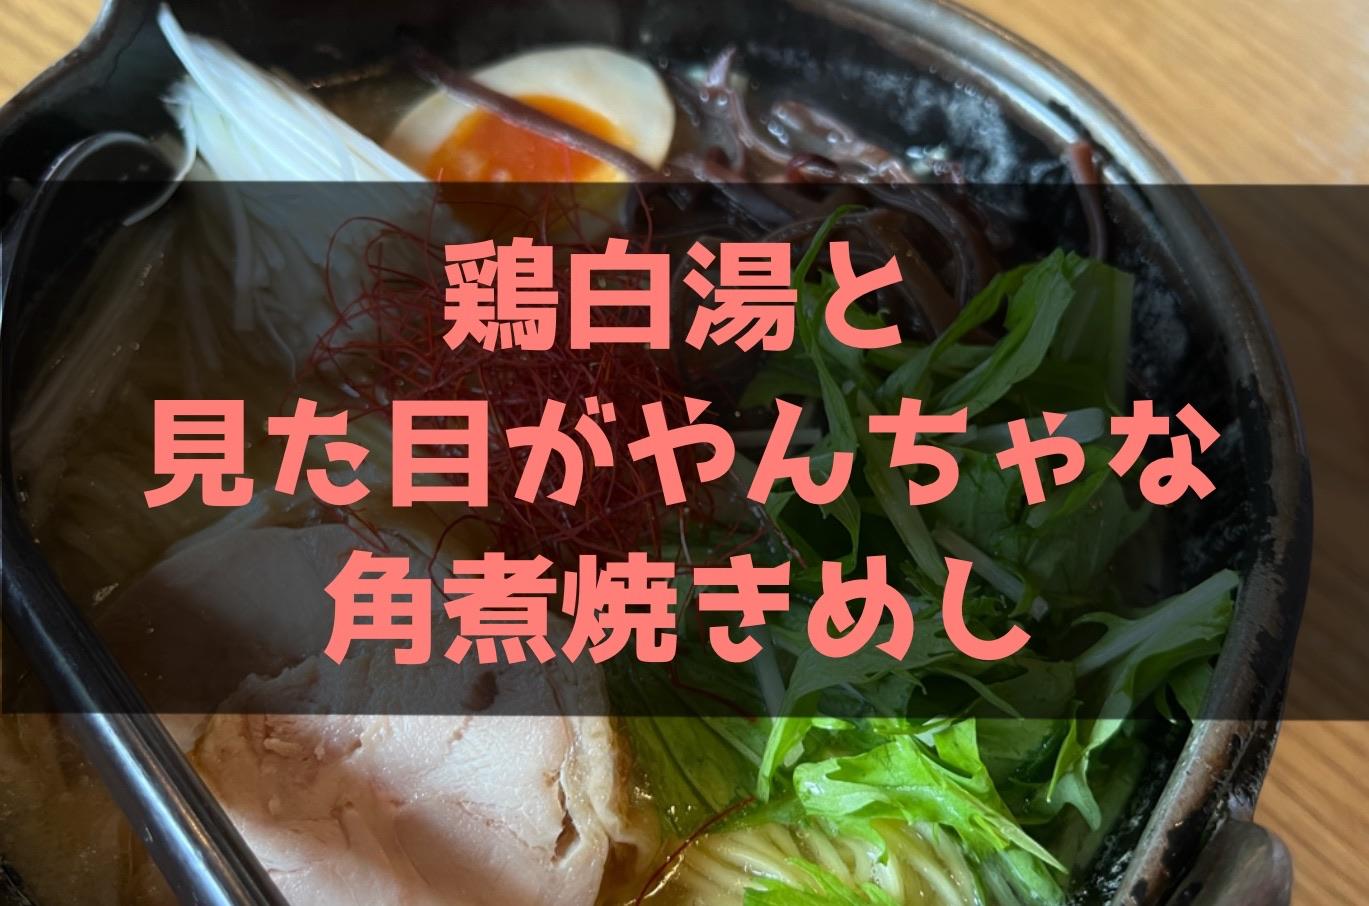 【辻堂/そばじん】鶏白湯と見た目がやんちゃな角煮焼きめし